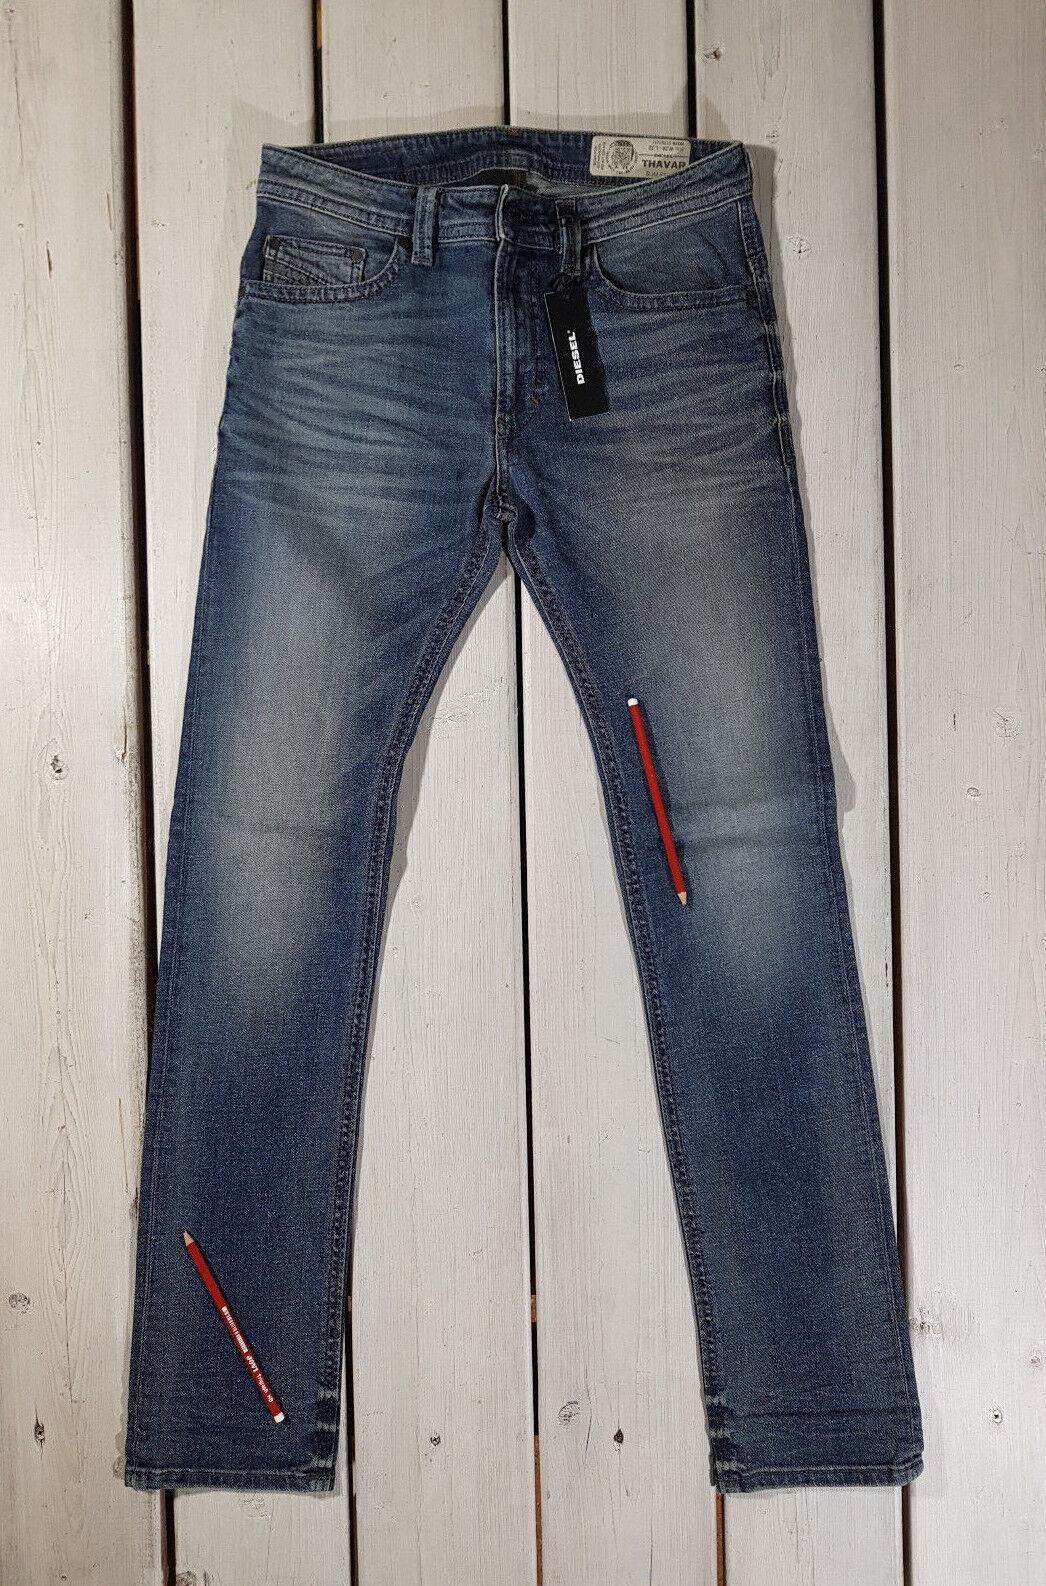 Neu Diesel HERREN Jeans Thavar 0857n Schmal Schmal Schmal Skinny Stretch 93c820